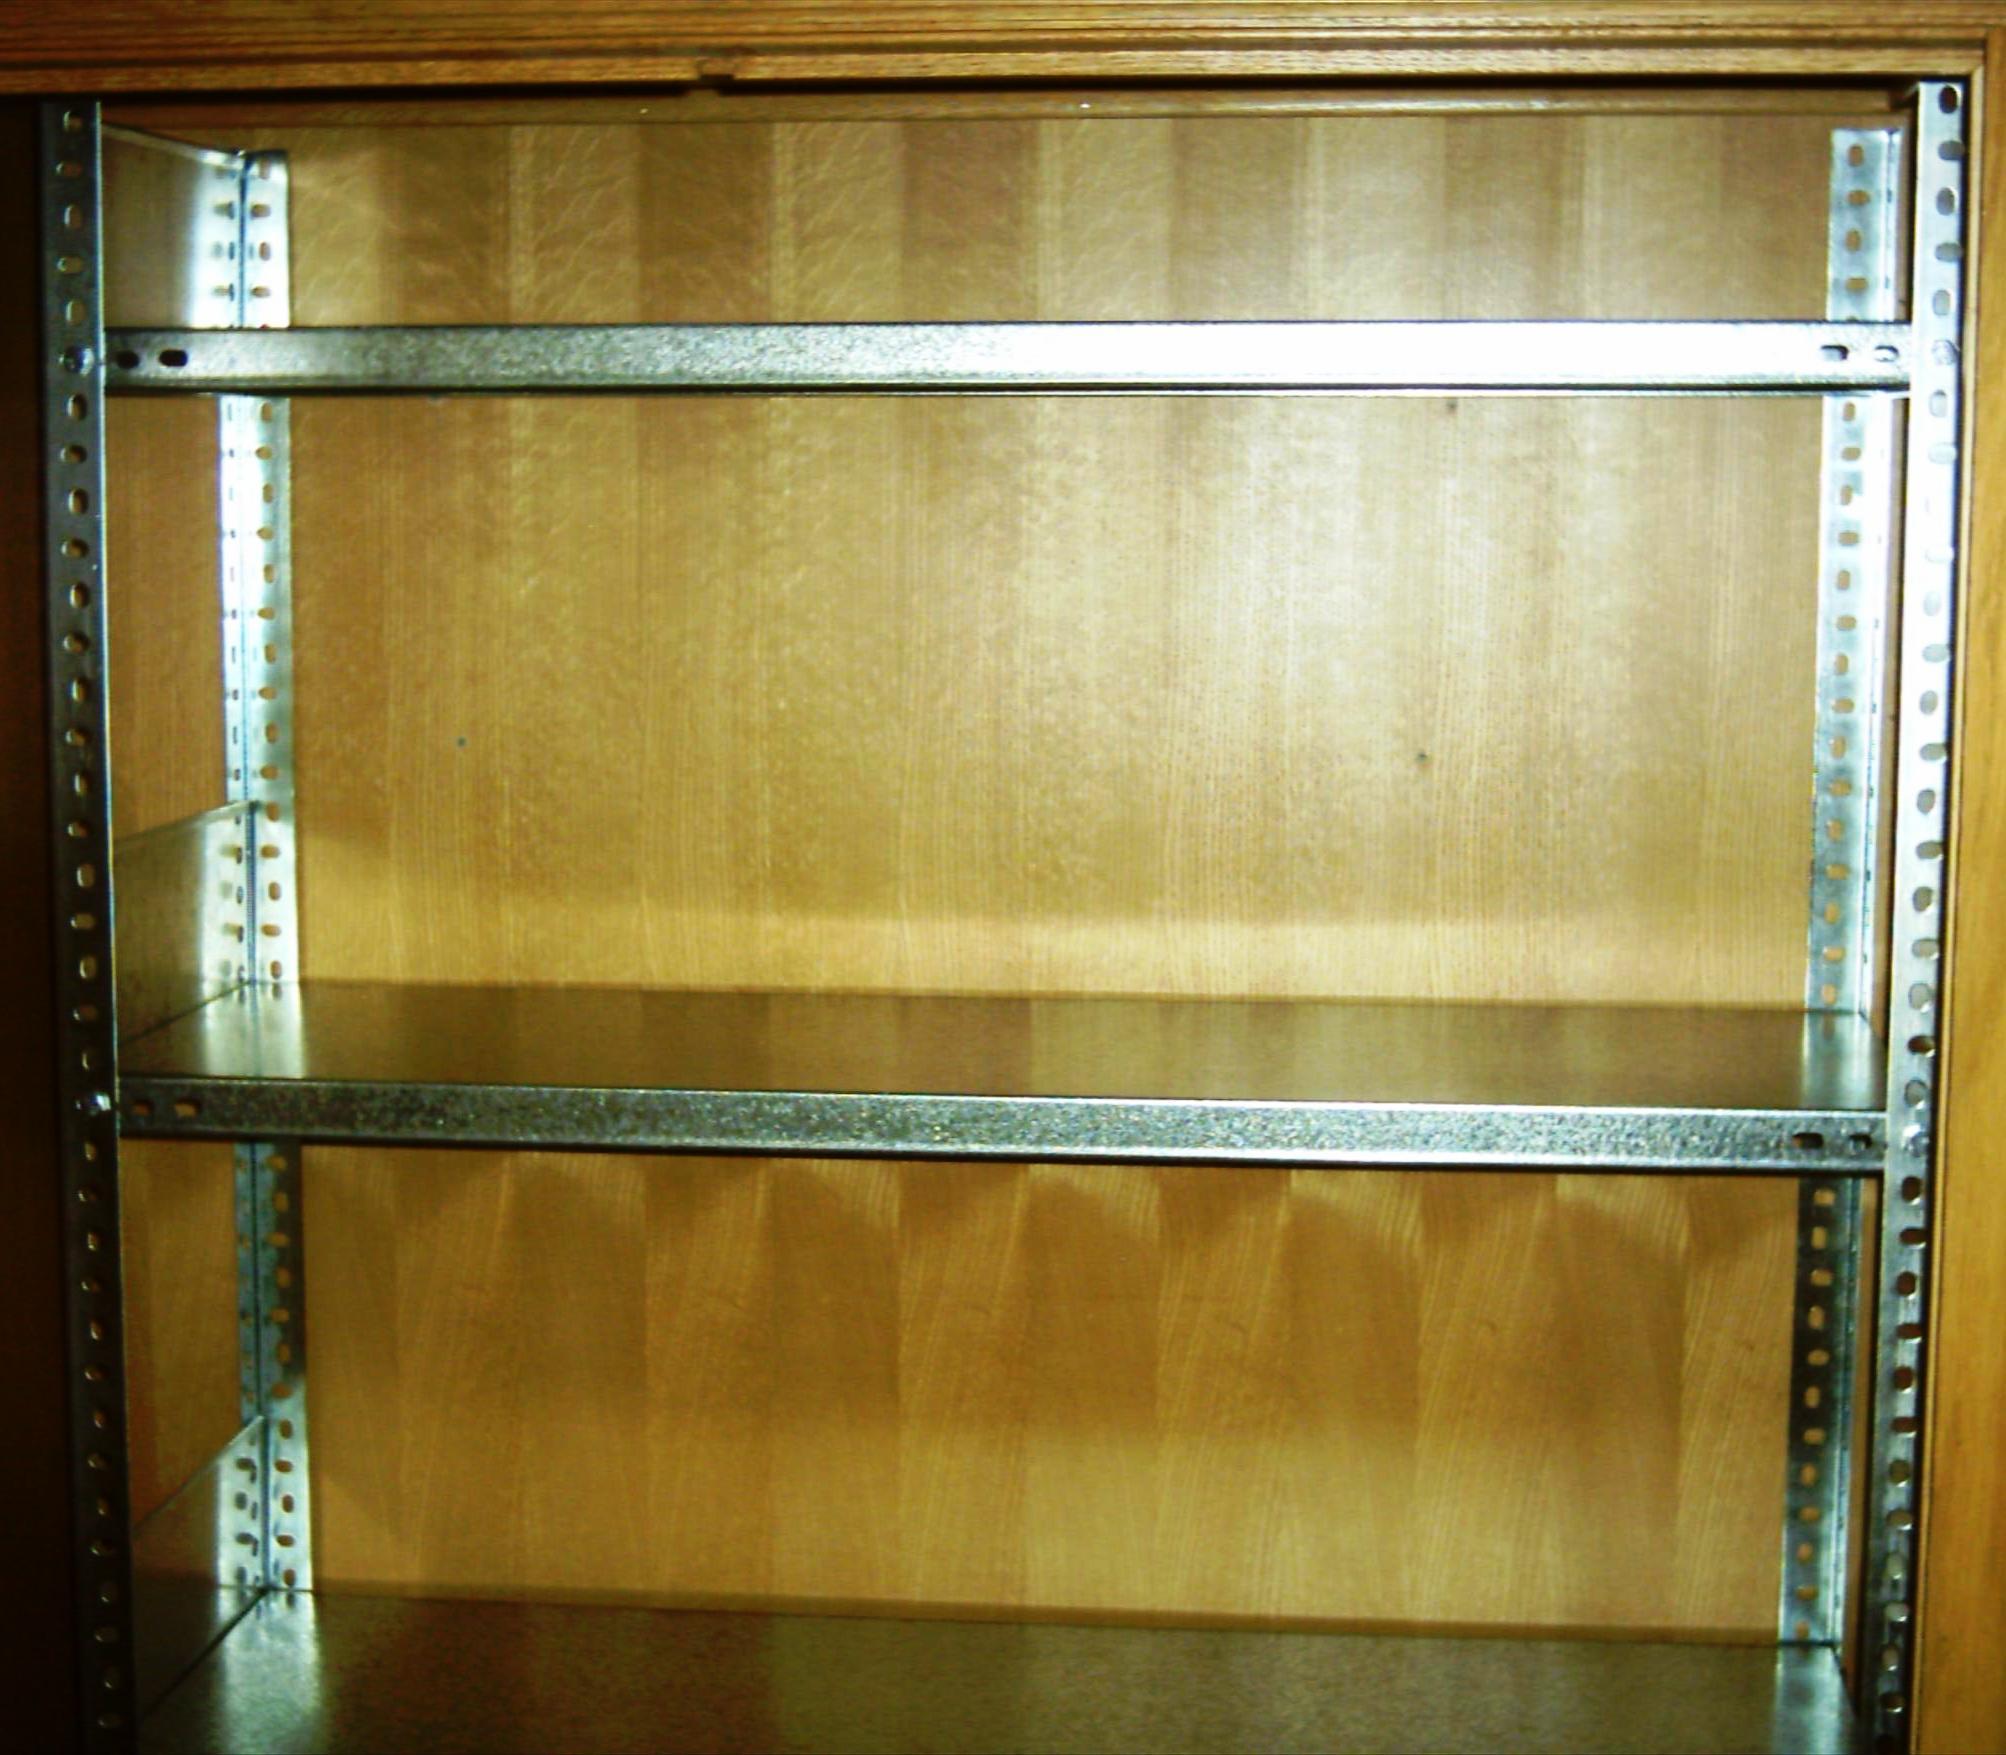 Estanterias metalicas para trasteros y estanterias - Estanterias para armarios ...